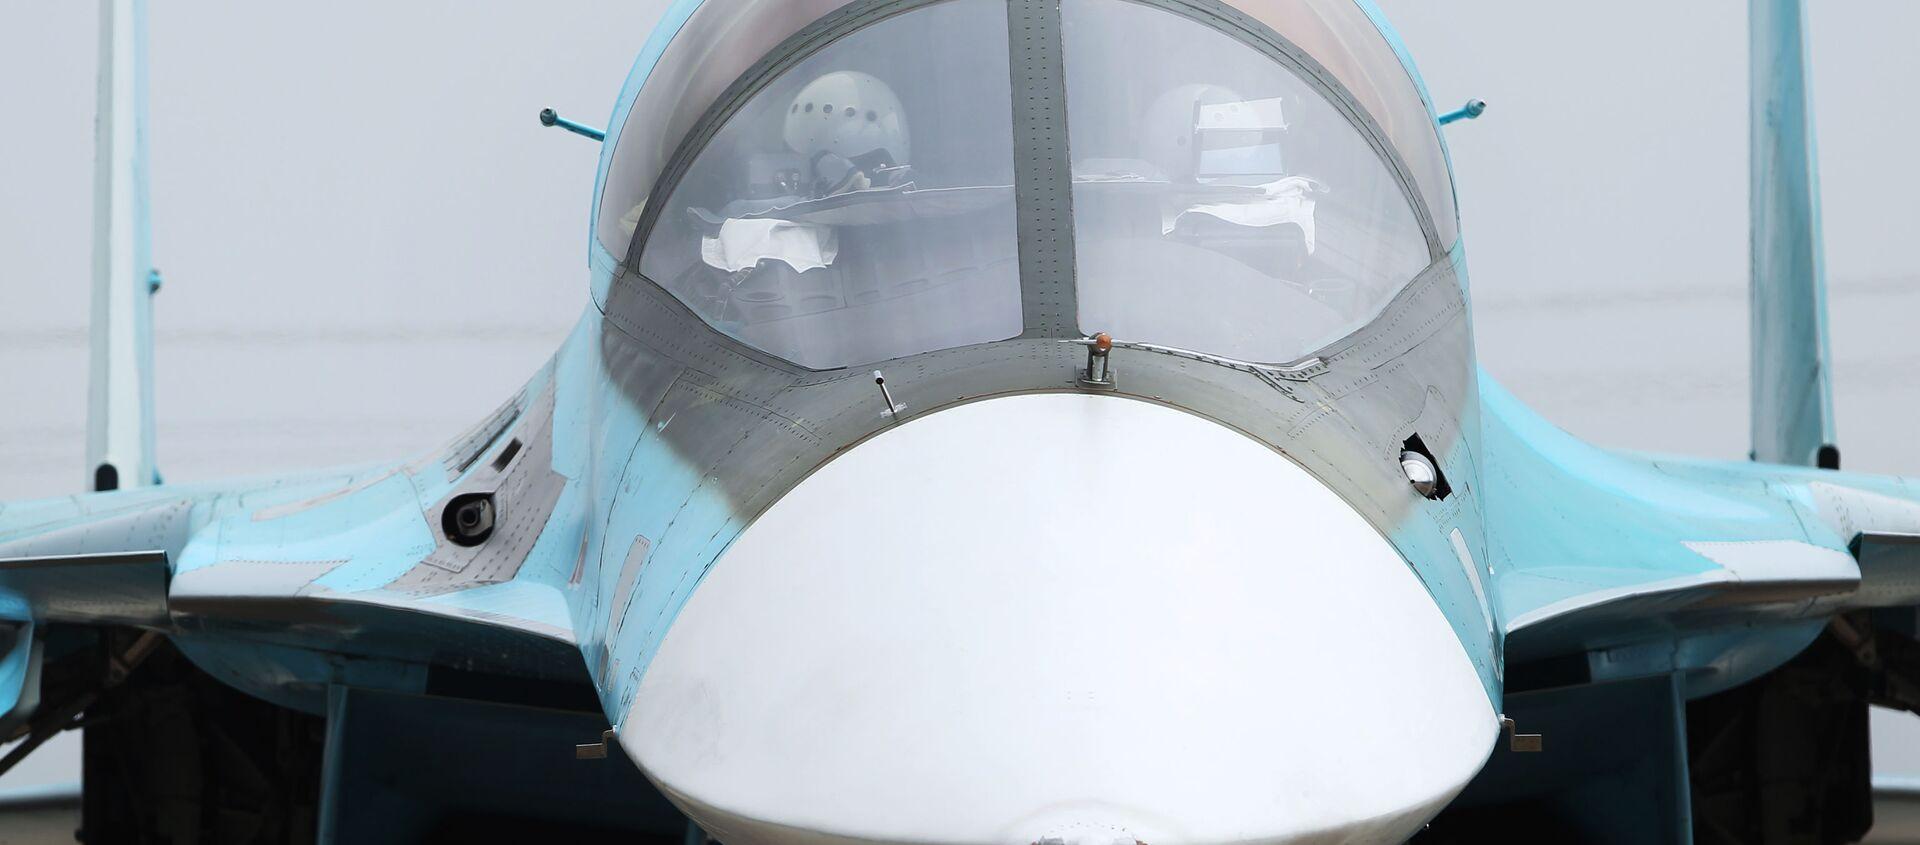 Mỏ vịt - chi tiết đặc trưng bên ngoài của Su-34. - Sputnik Việt Nam, 1920, 30.05.2021